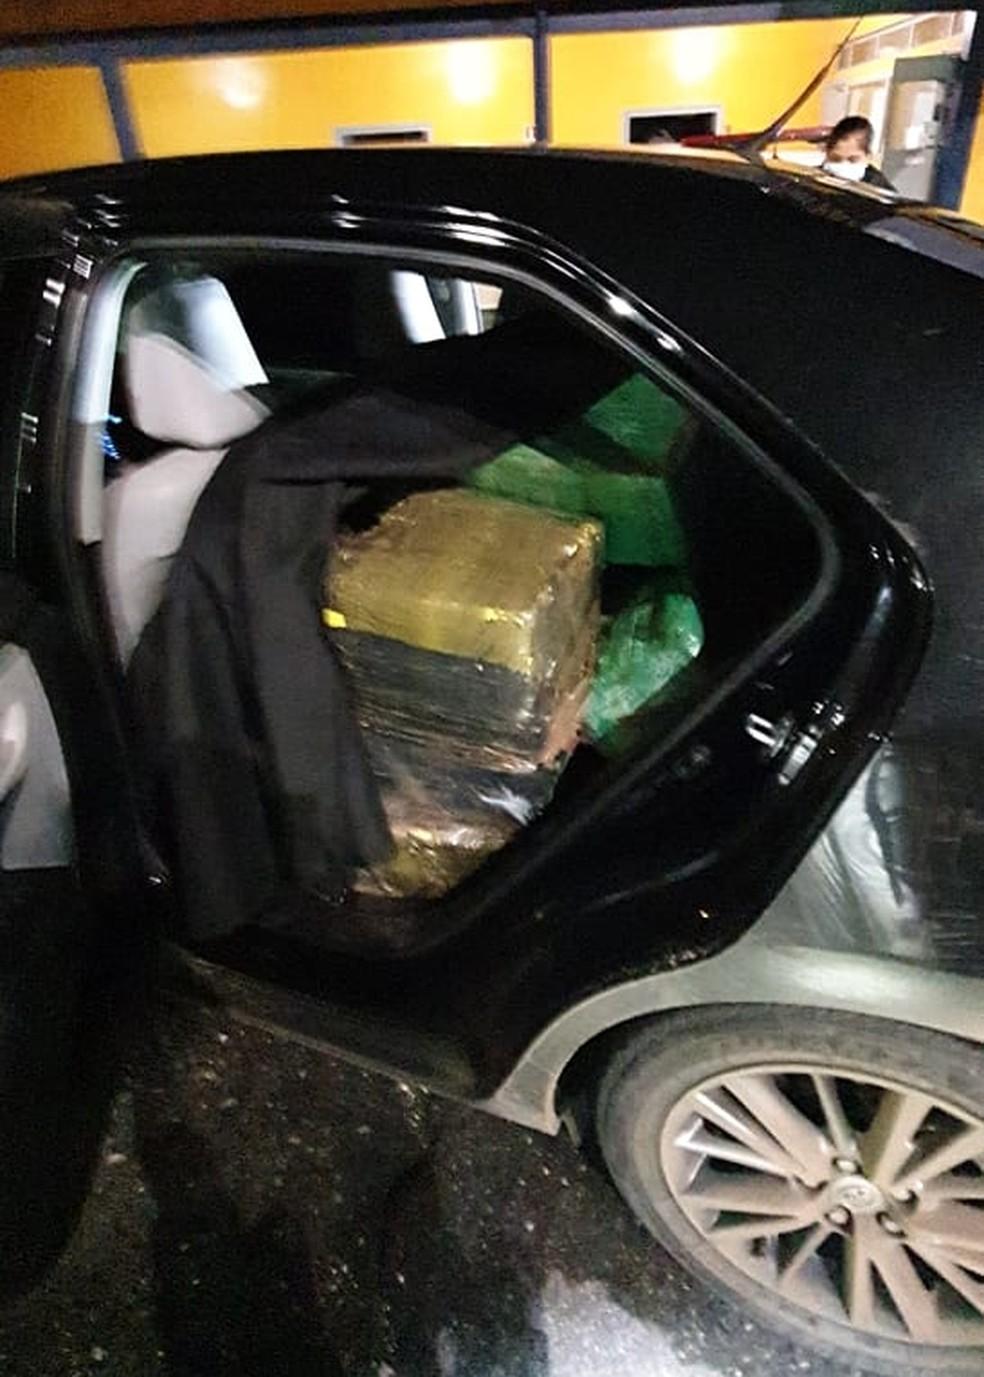 Motorista foi preso por tráfico de drogas ao ser flagrado com mais de 700 quilos de Maconha — Foto: PRF/Divulgação